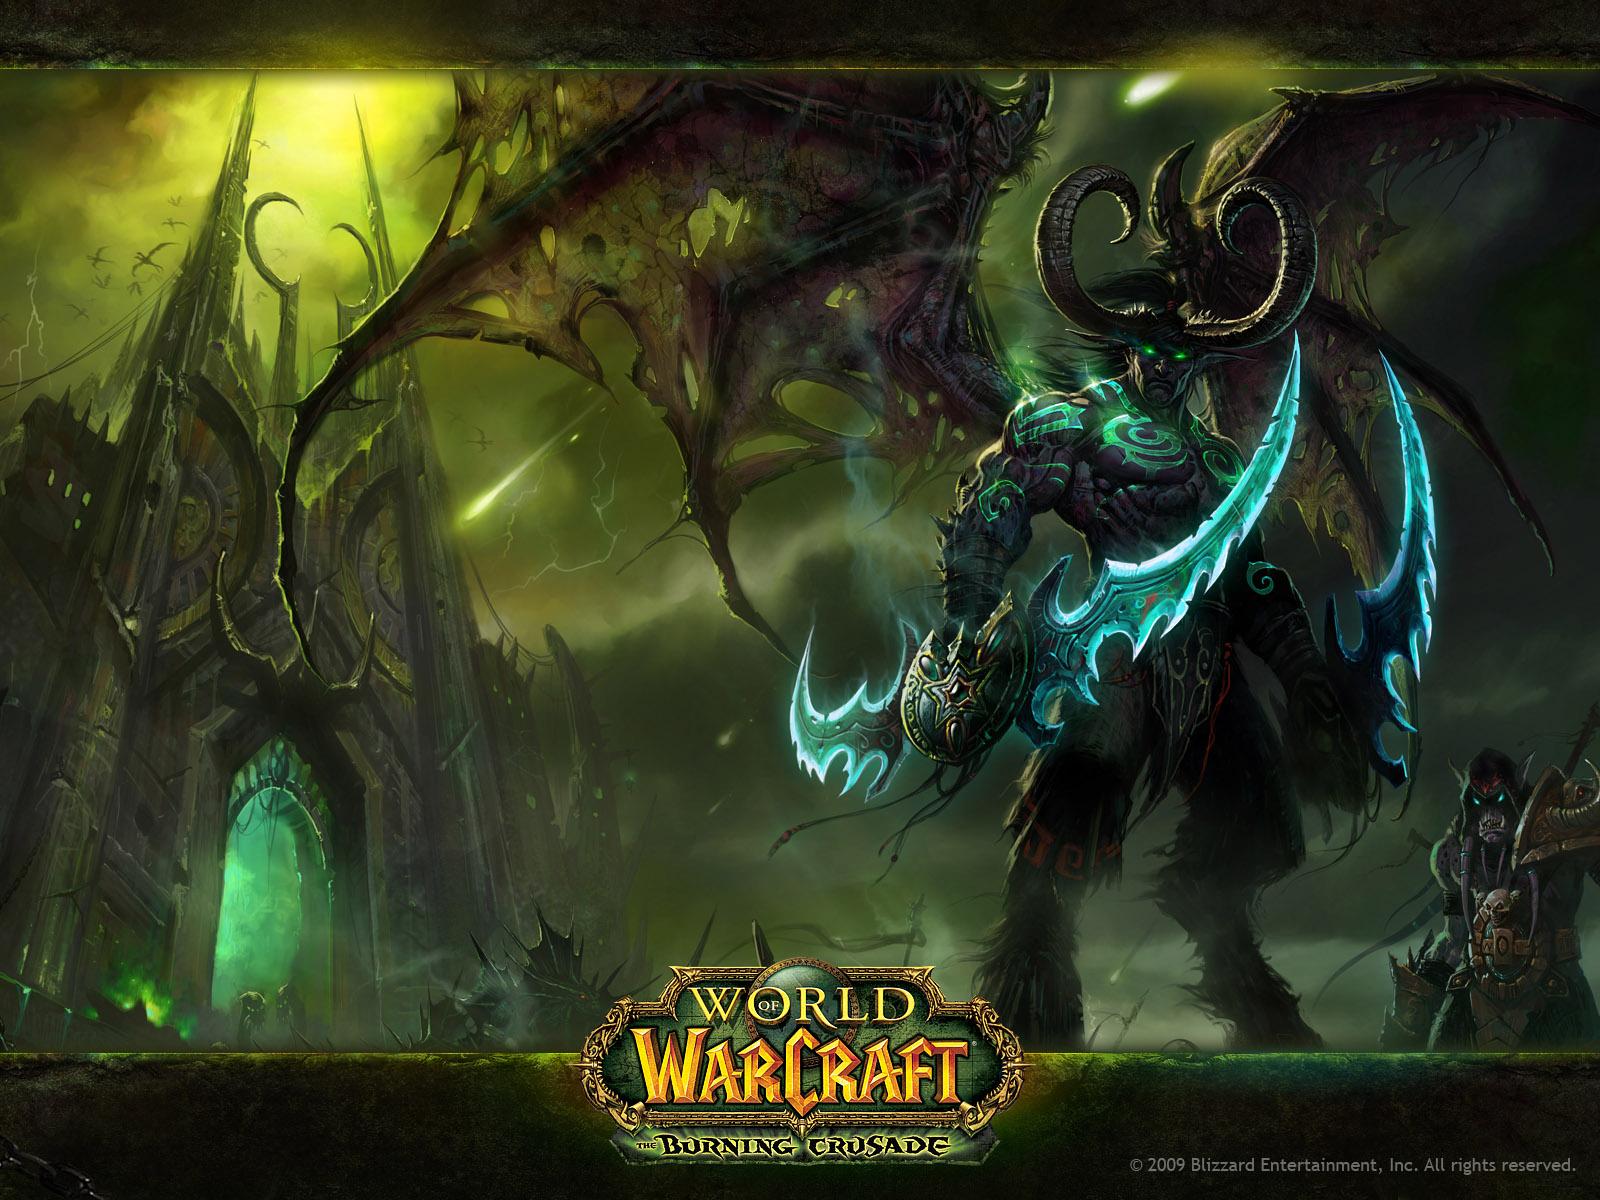 Показаха първия трейлър на филма World of Warcraft